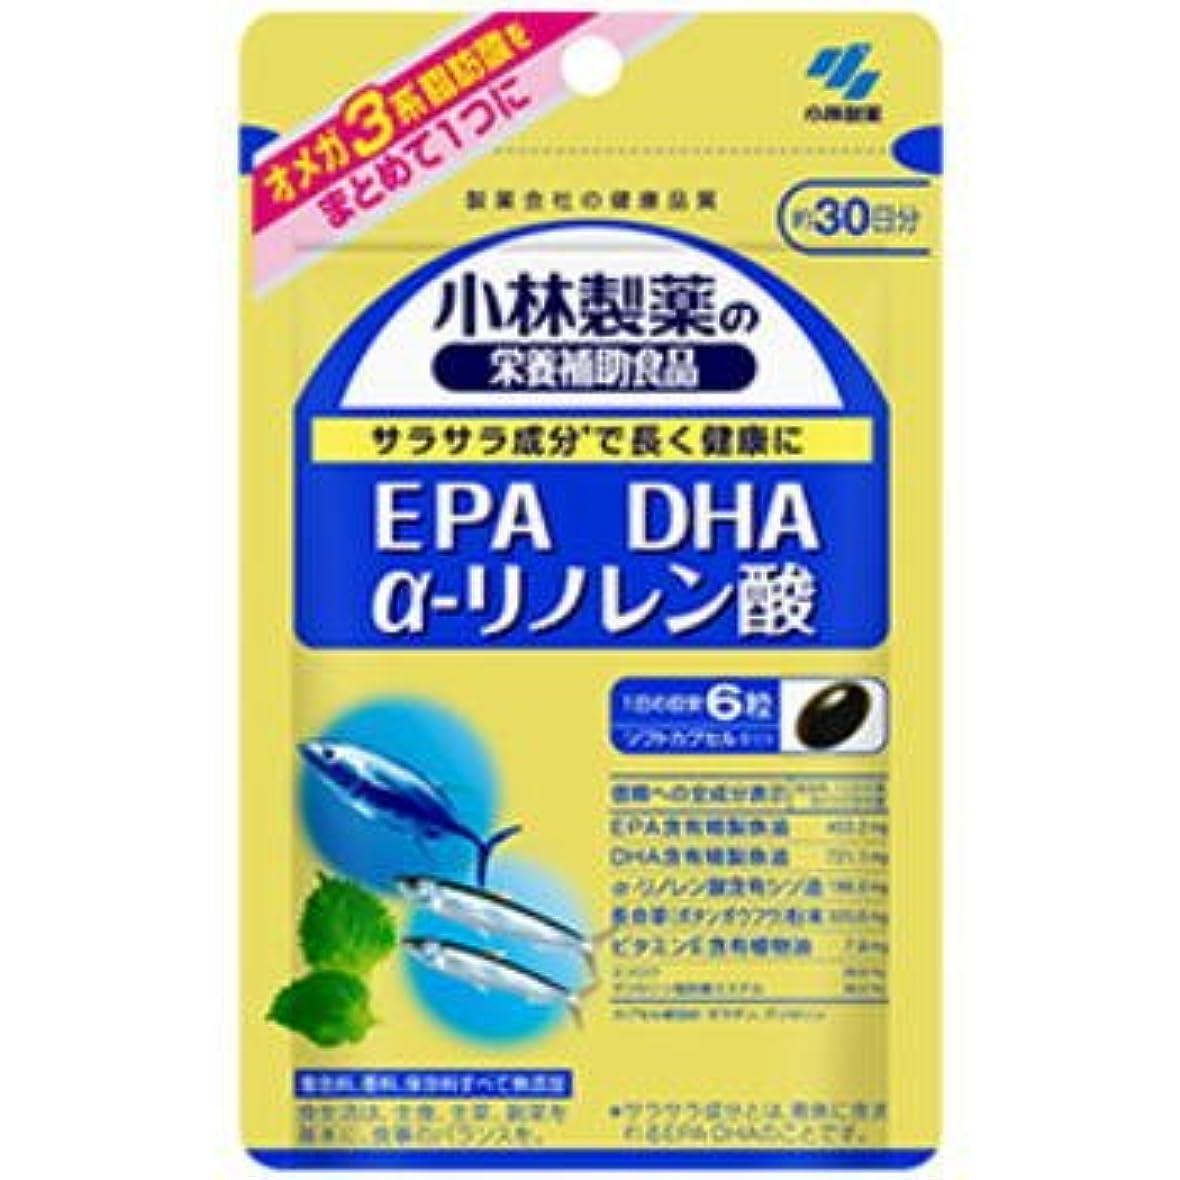 小林製薬 EPA DHA α-リノレン酸 180粒【ネコポス発送】